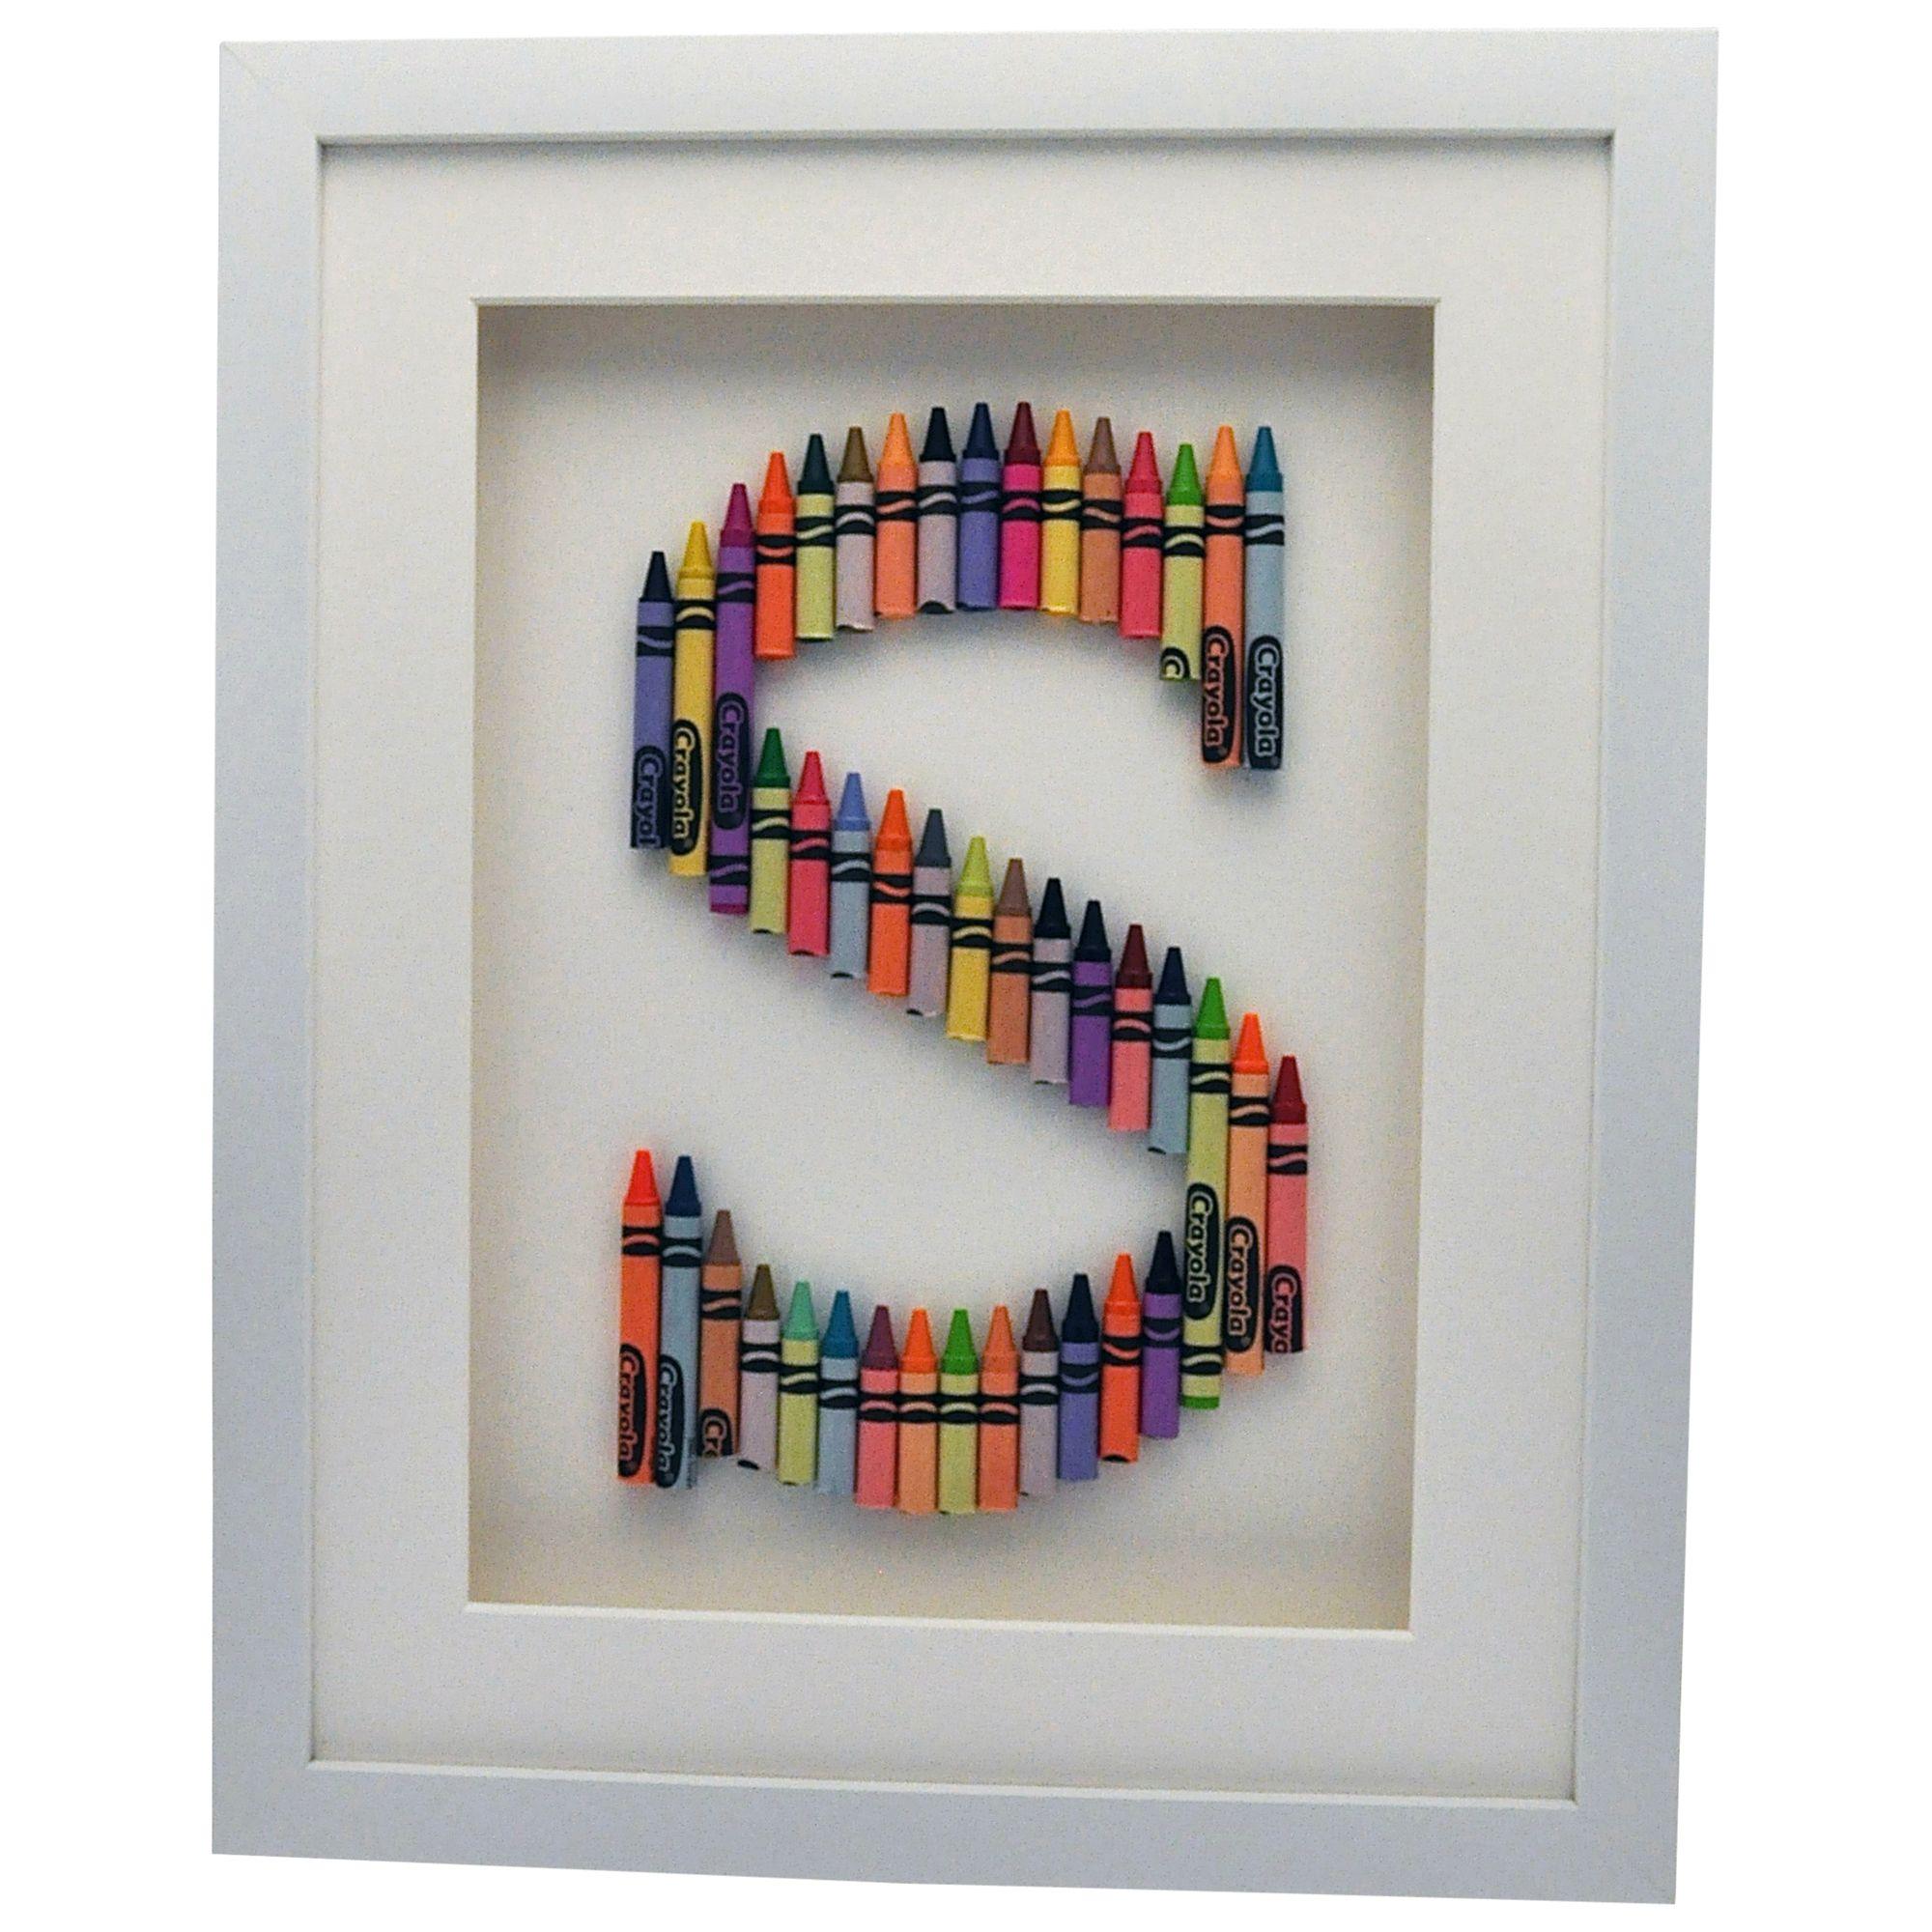 The Letteroom The Letteroom Crayon S Framed 3D Artwork, 34 x 29cm